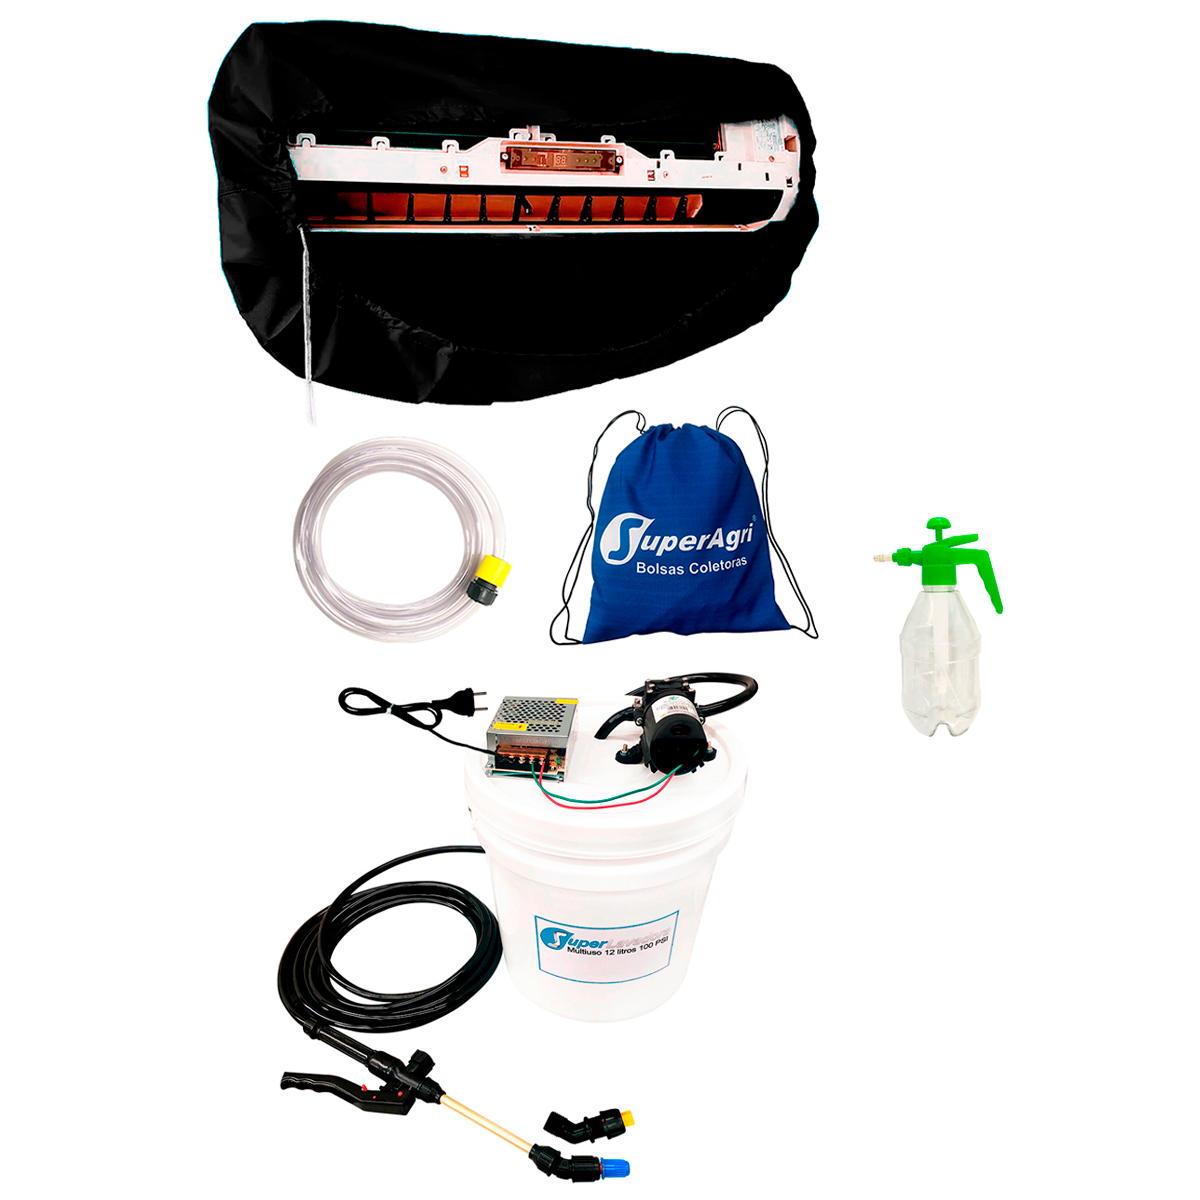 Pulverizador 1,5L SAPPA1,5L + Super Lavadora 12L 100Psi SL12L100P + Bolsa Coletora Split de 18000a36000 BTUS SABC36B